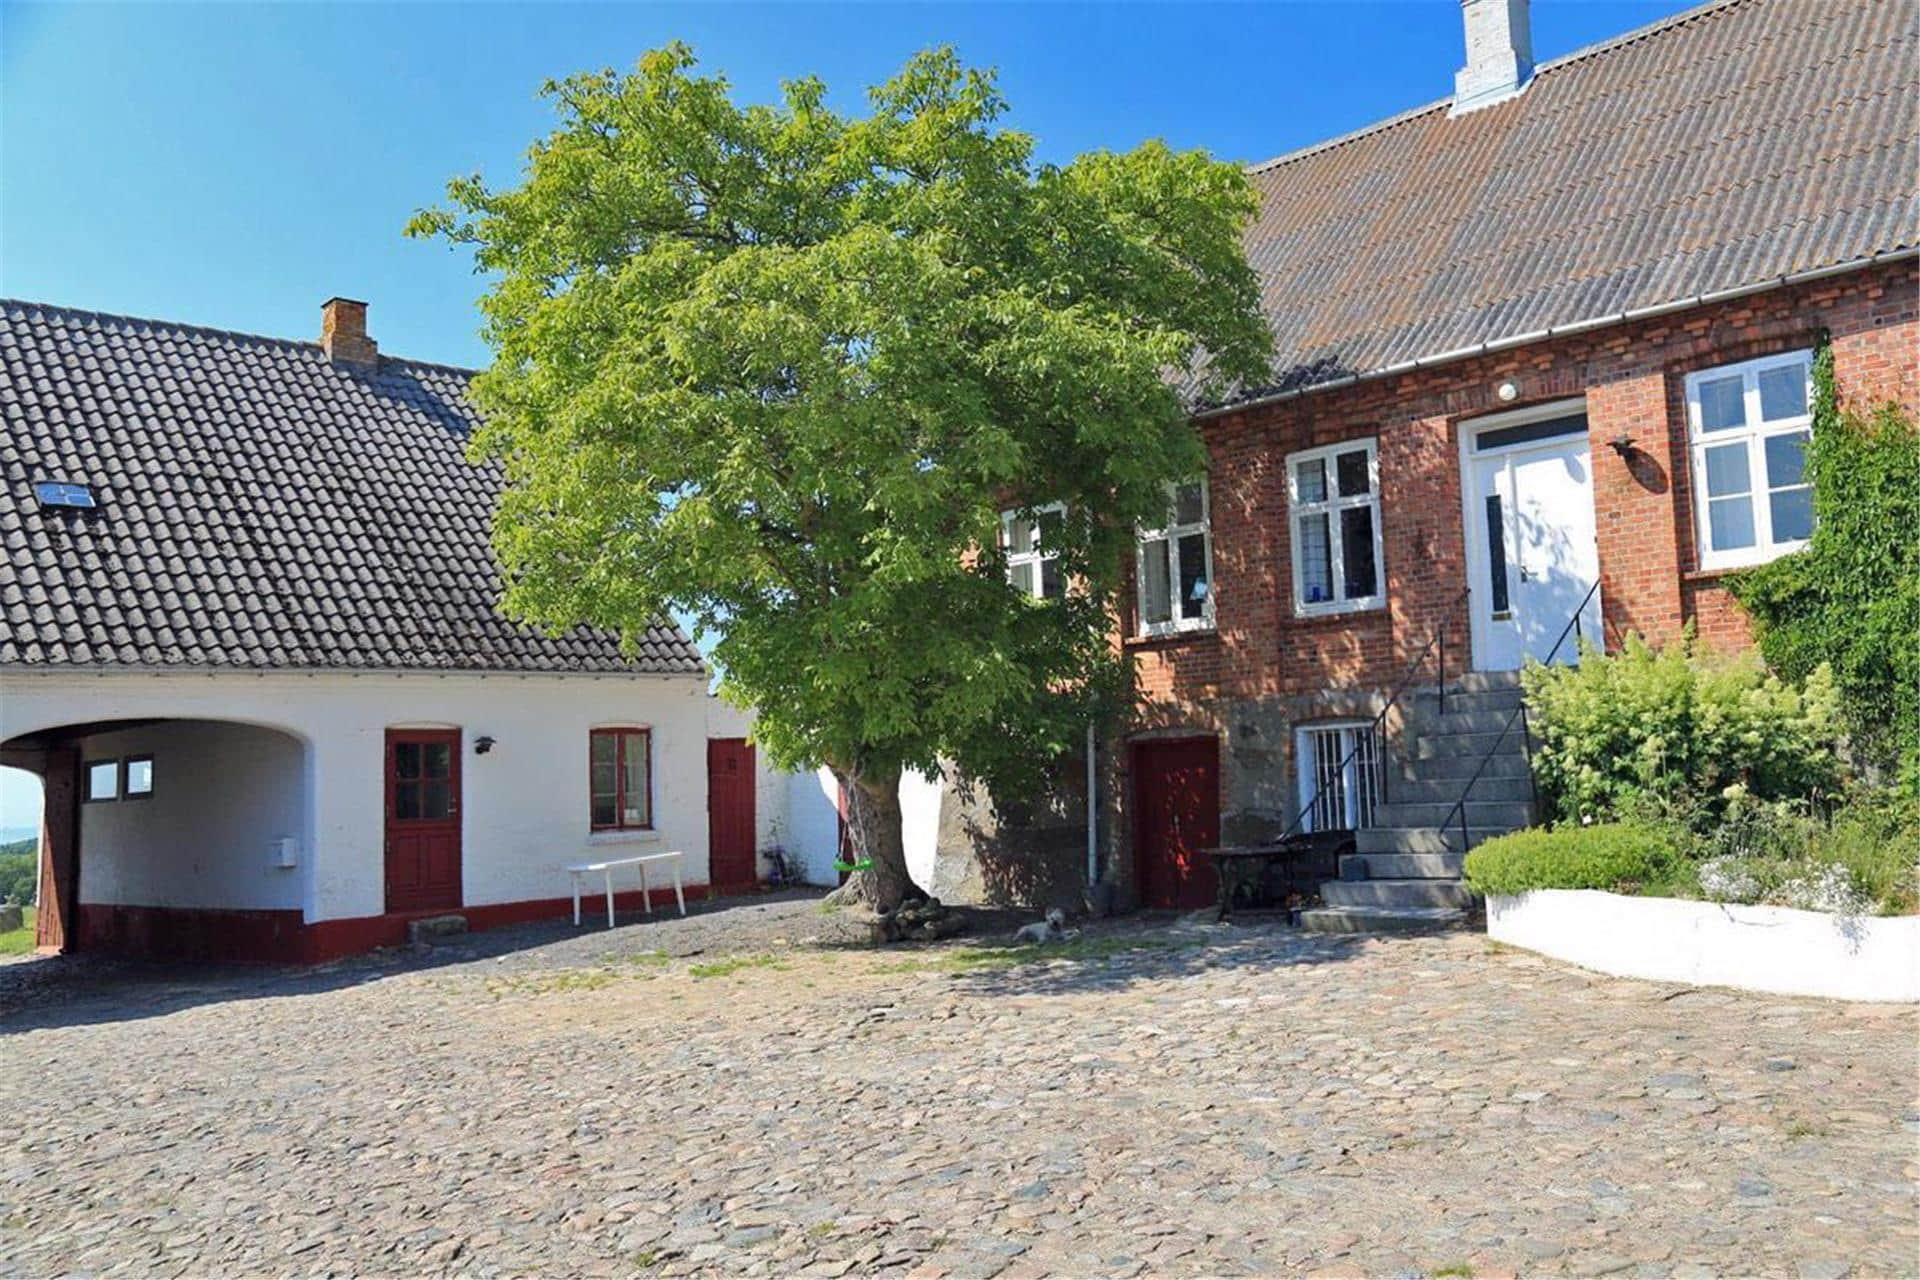 Bilde 1-10 Feirehus 6703, Duebjergvej 4, DK - 3790 Hasle